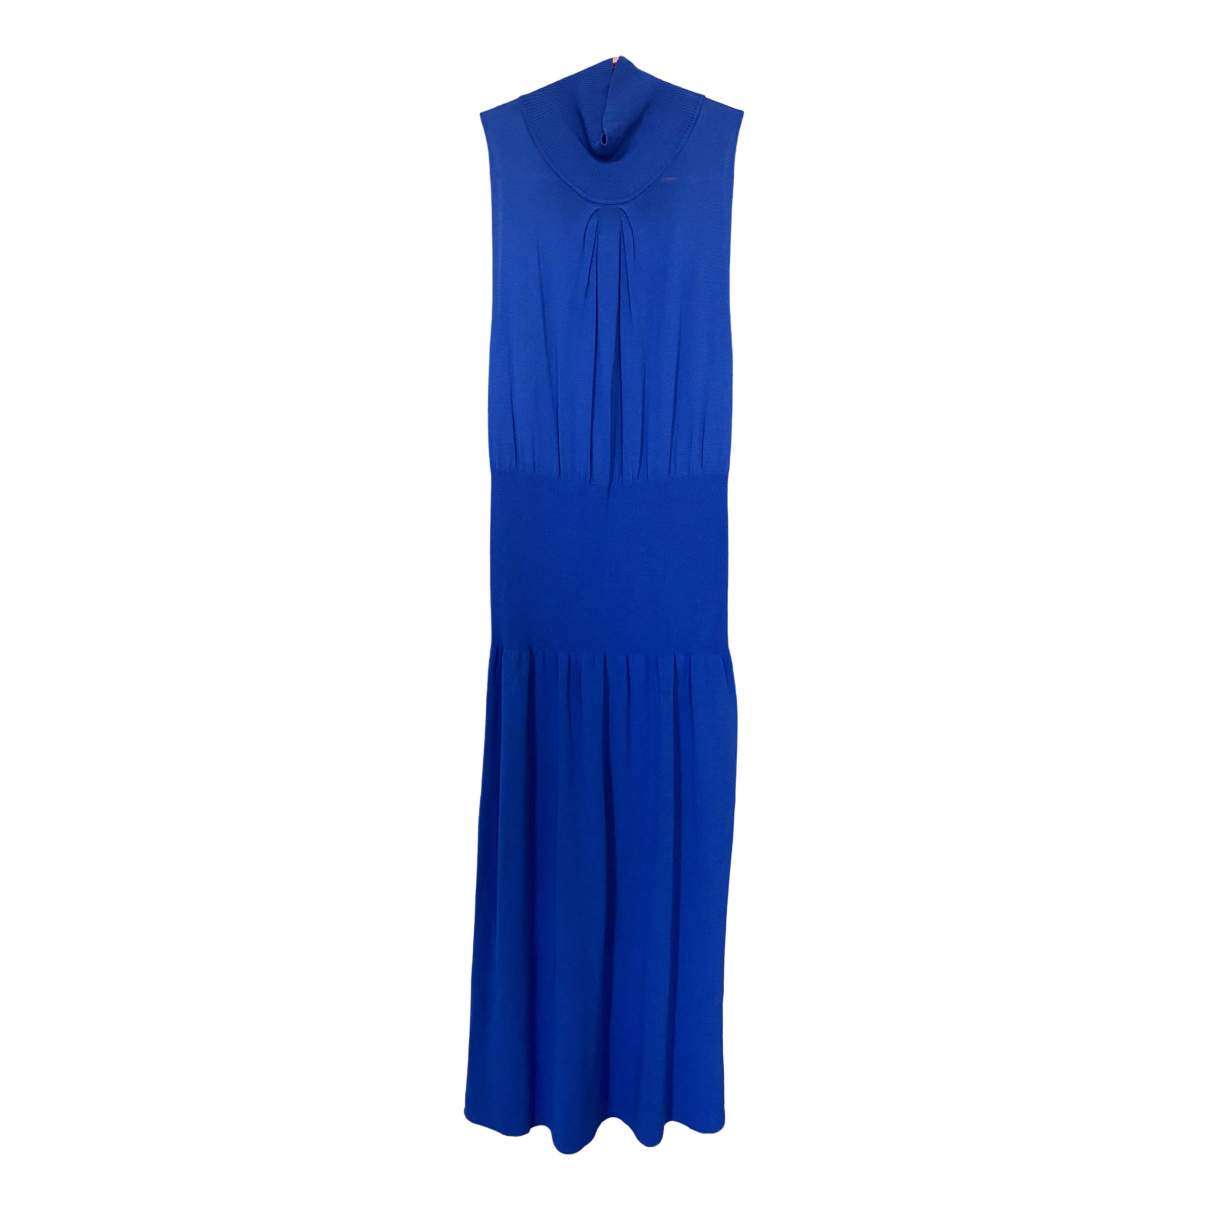 Versace \N Blue dress for Women 40 IT